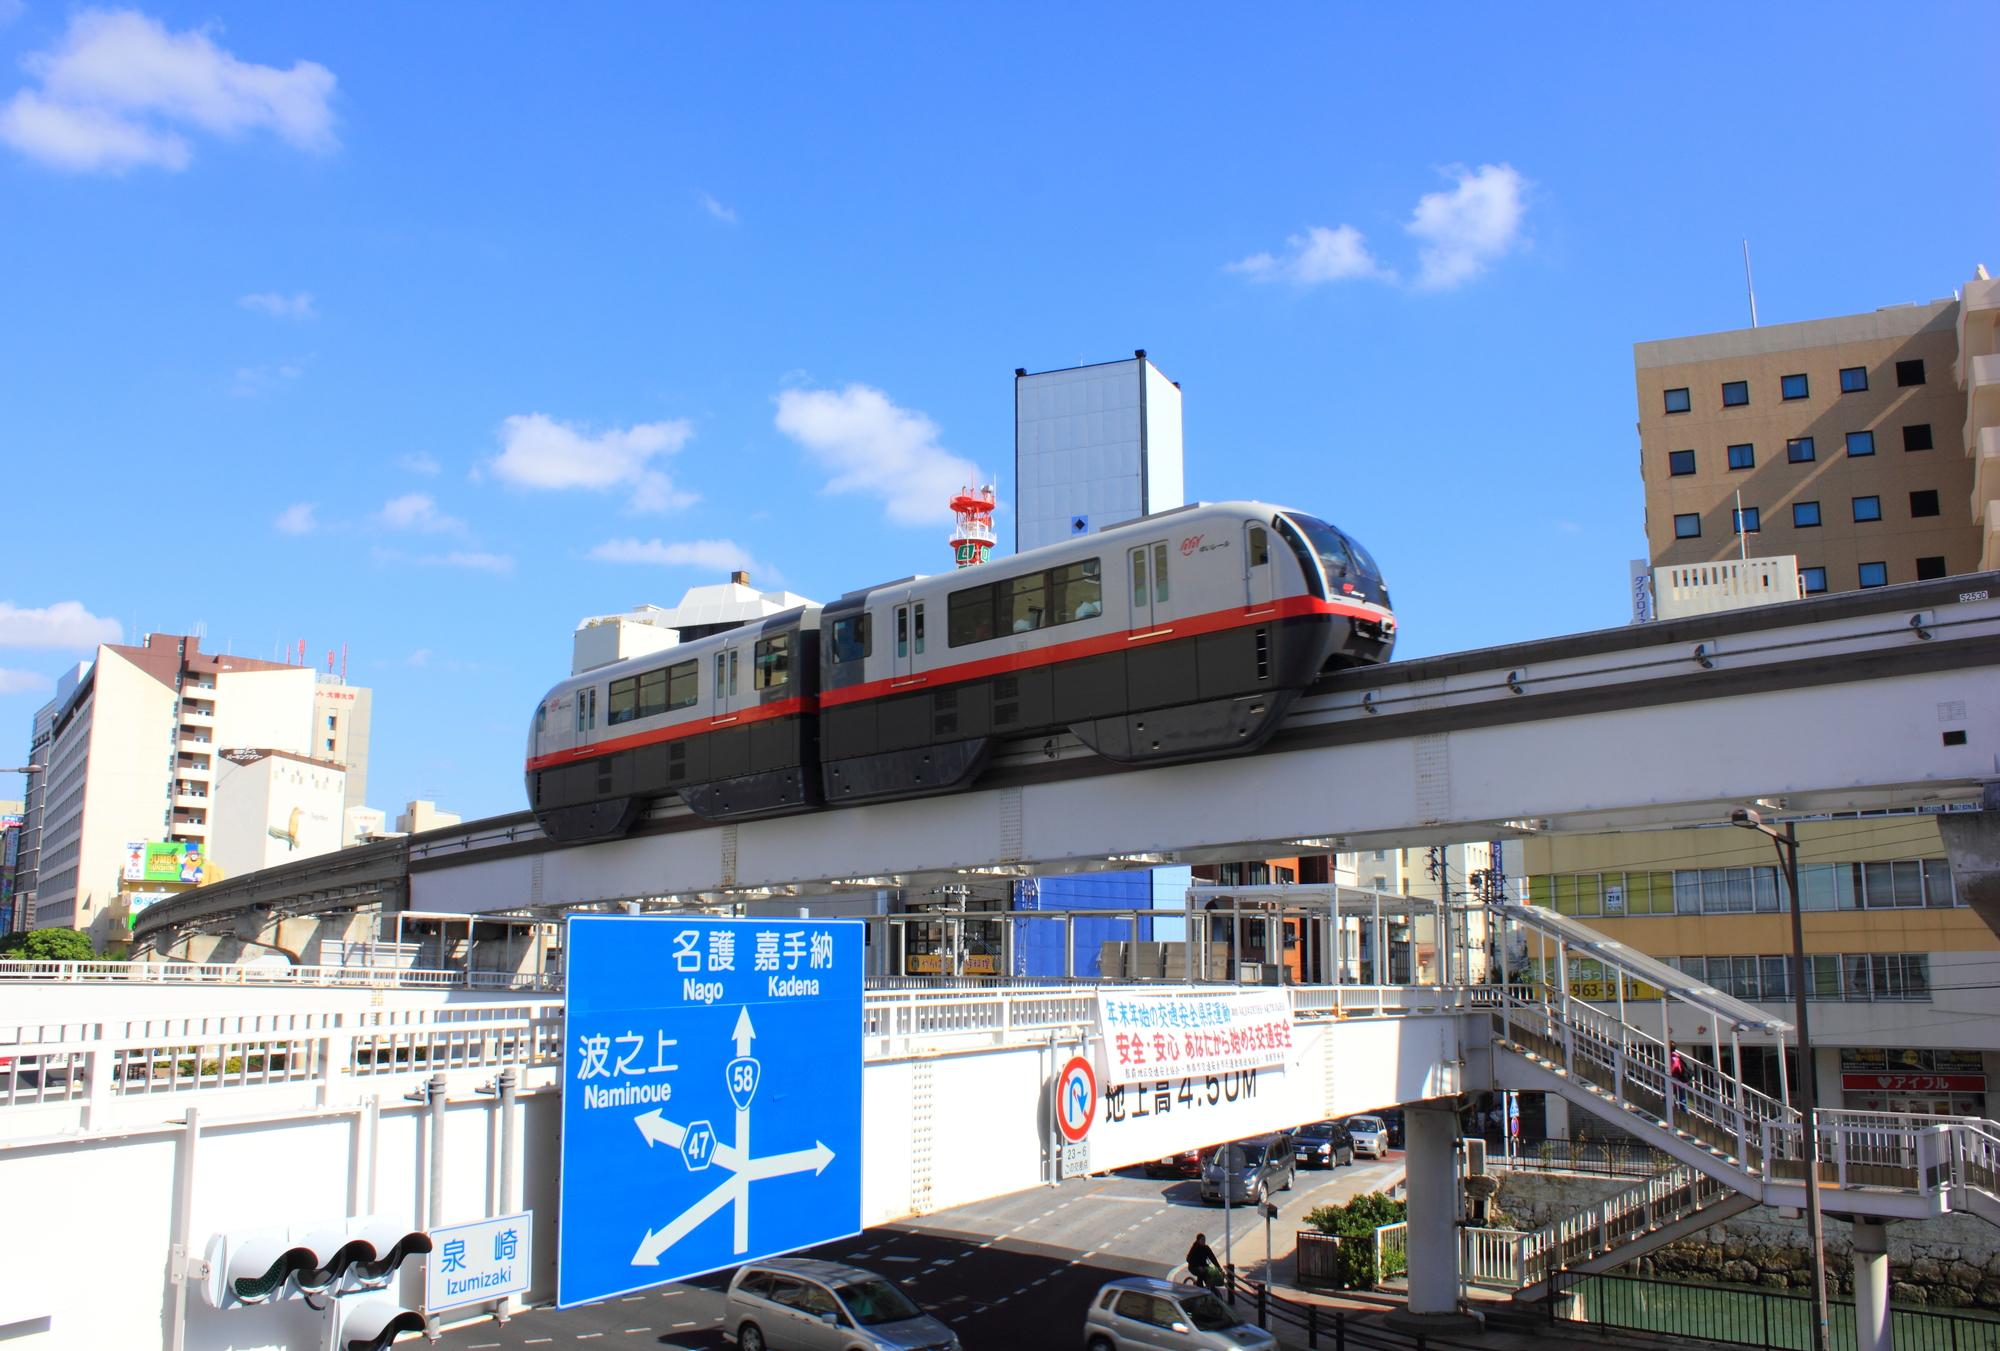 沖縄、公共交通機関、ゆいレール